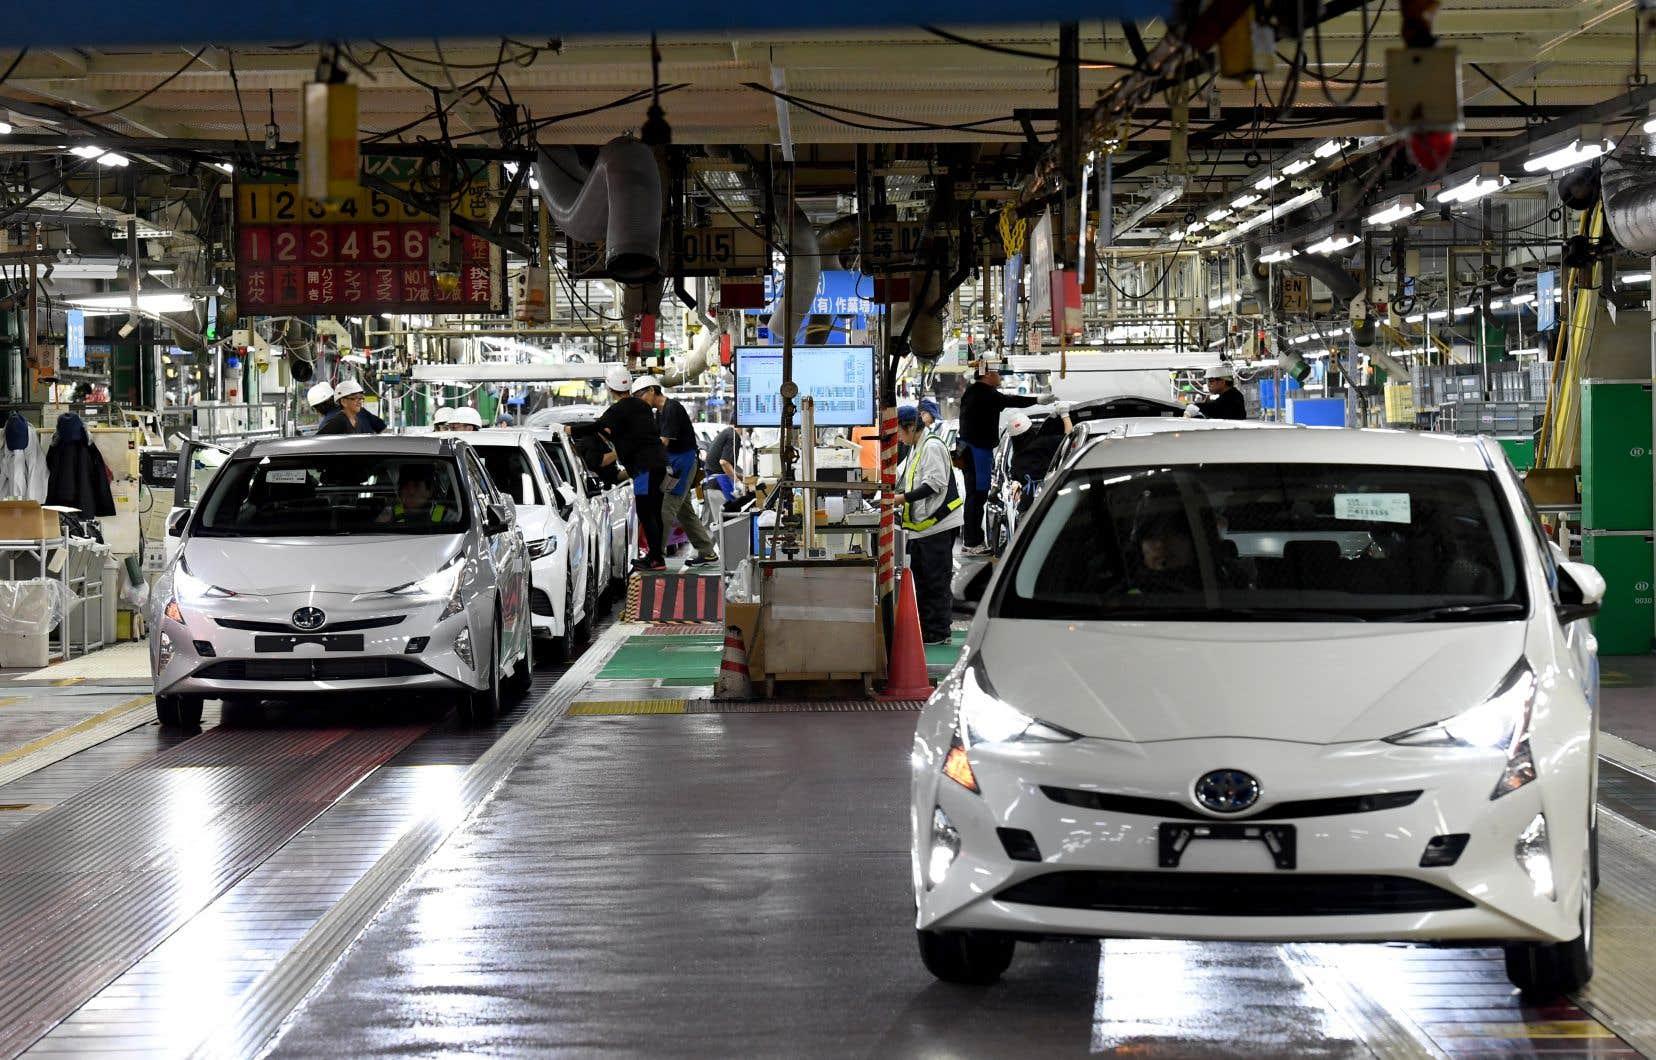 Les automobiles convoquées au garage pour réparation sont essentiellement des modèles hybrides Prius fabriqués entre octobre 2008 et novembre 2014.